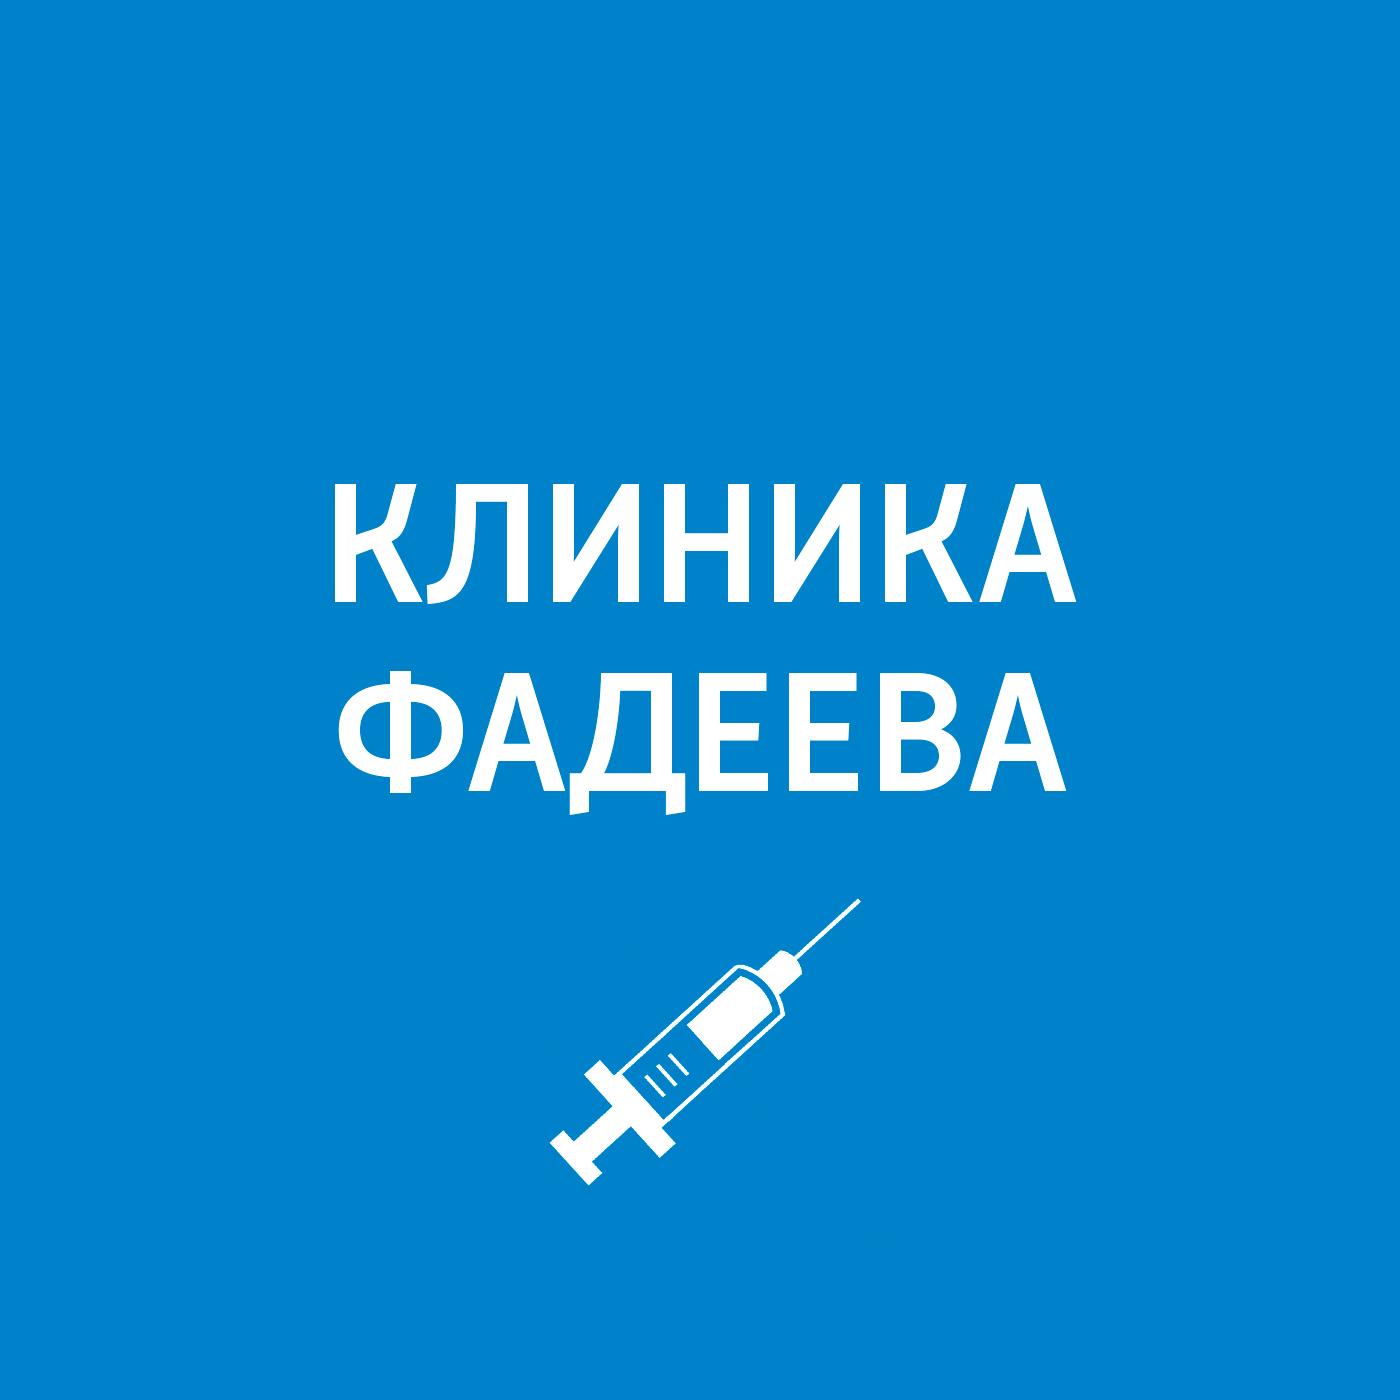 Пётр Фадеев Ревматолог: как лечить суставы? суставы